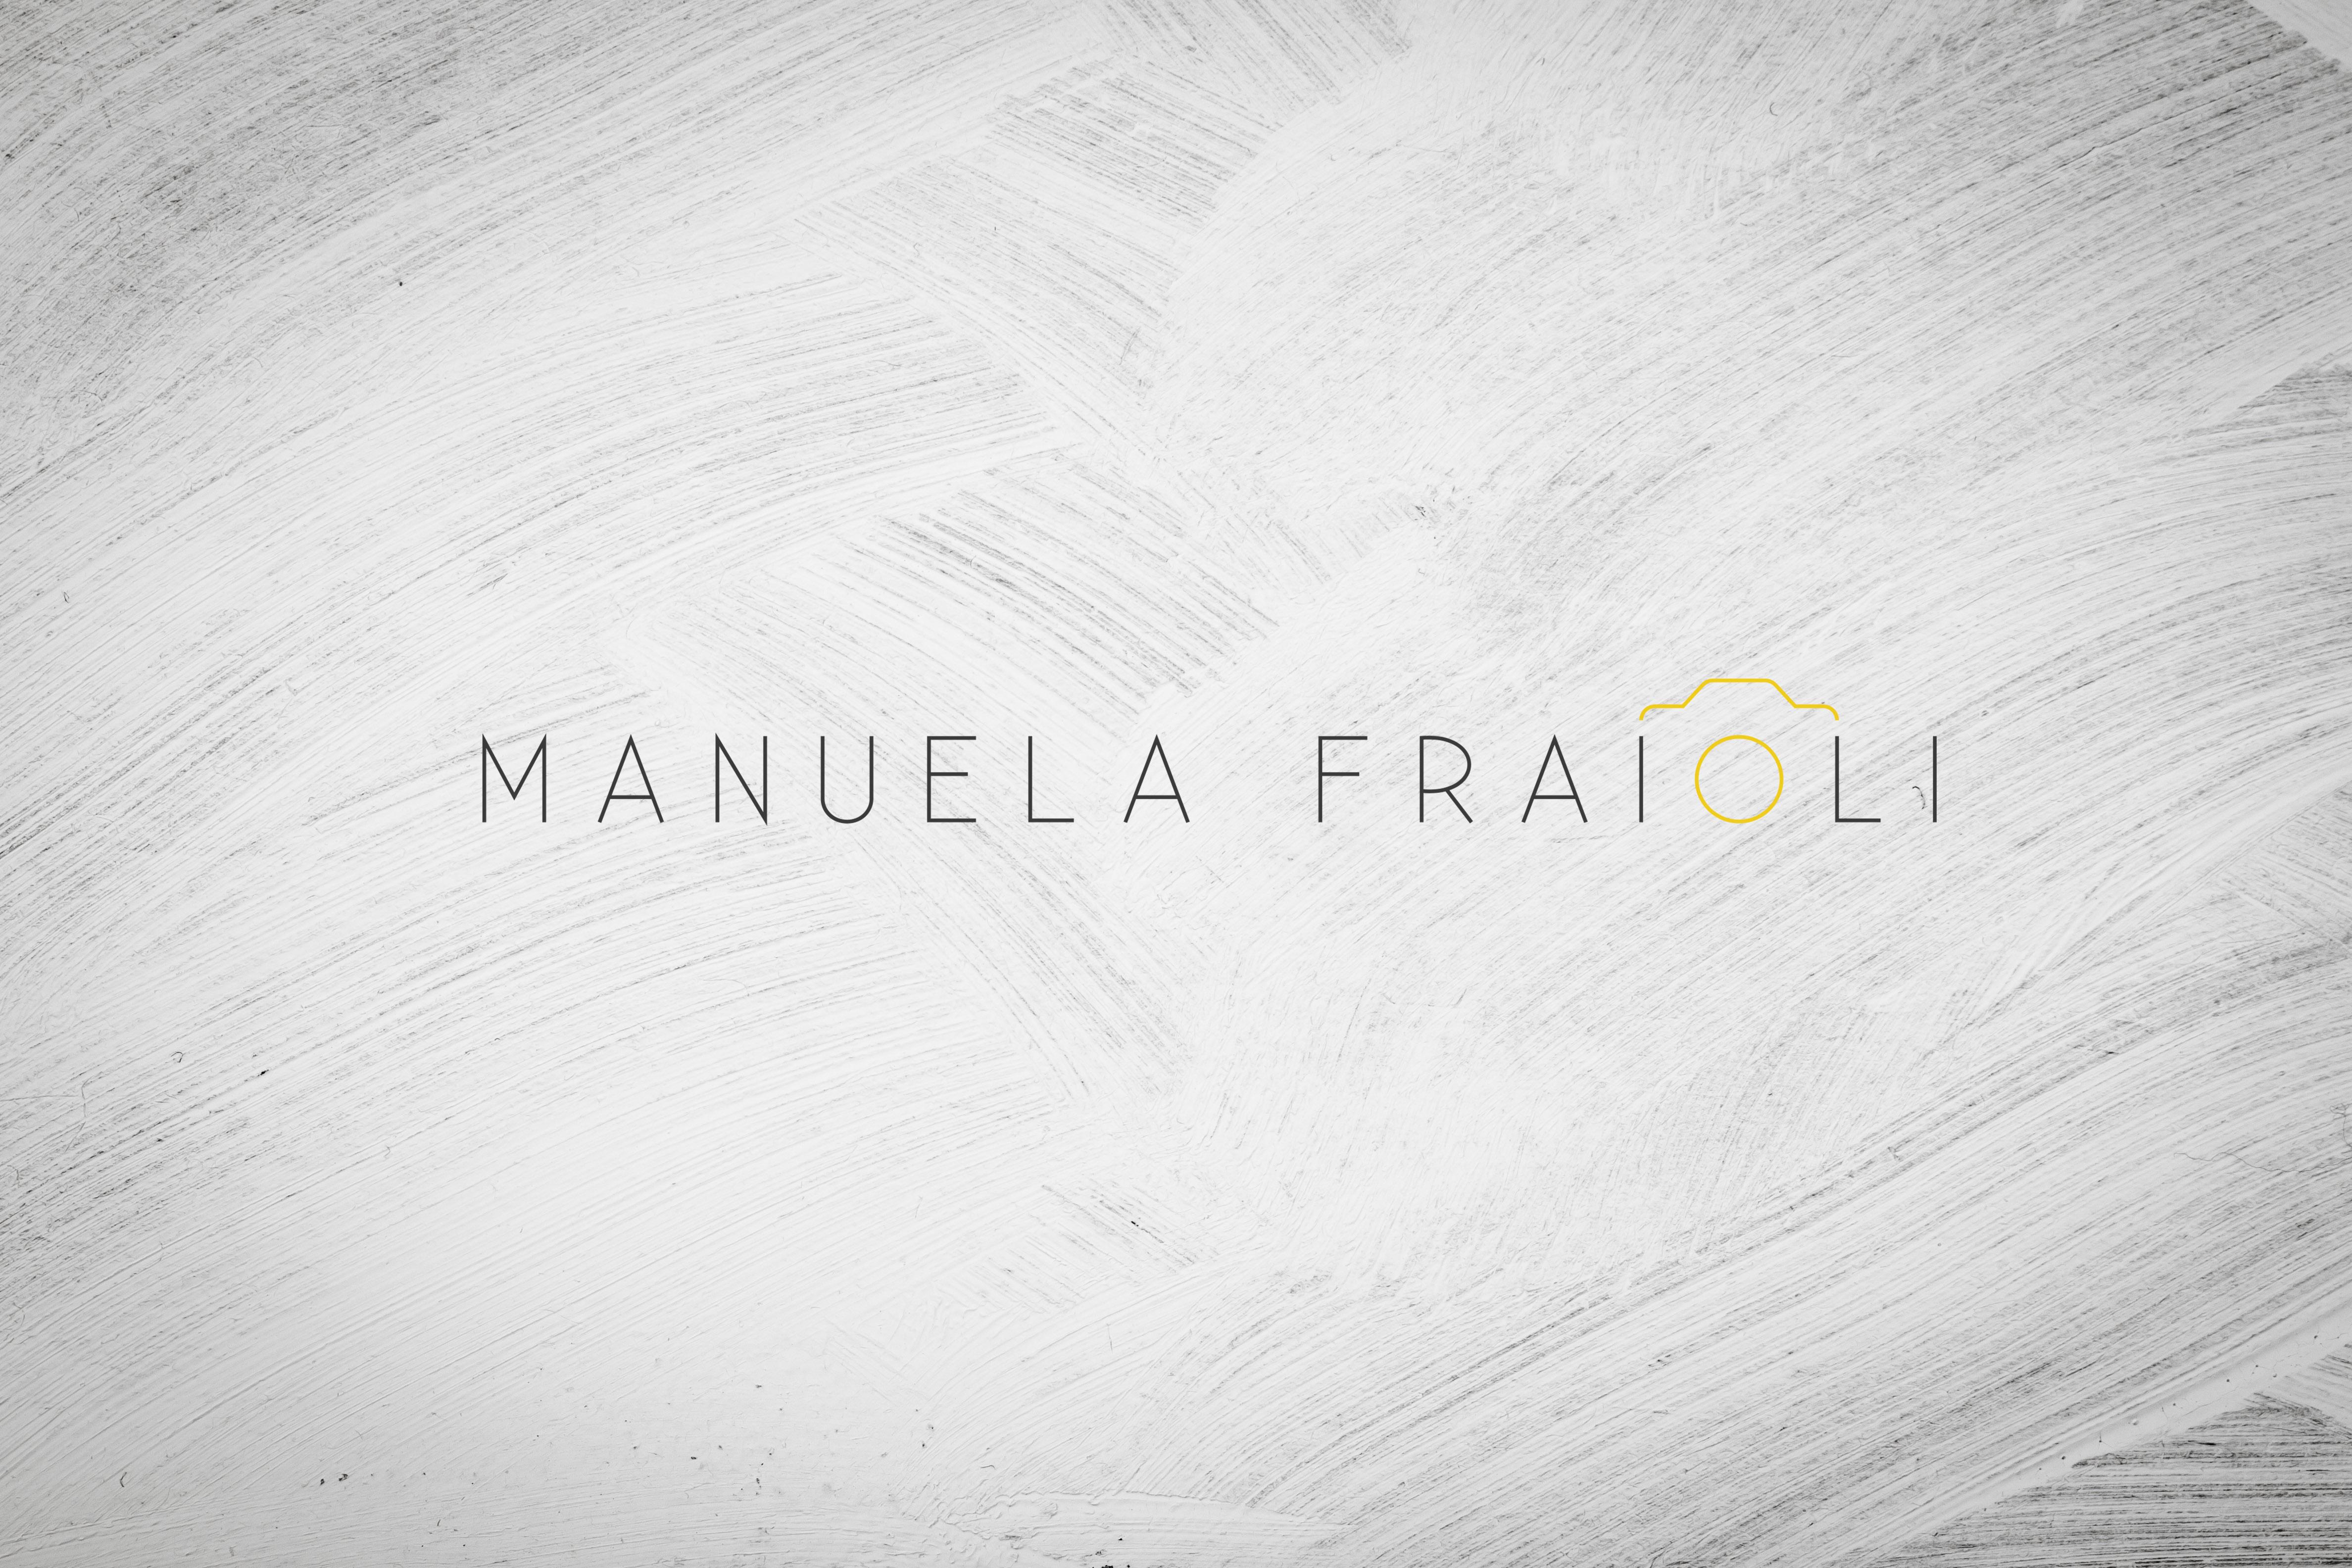 Manuela Fraioli / logo